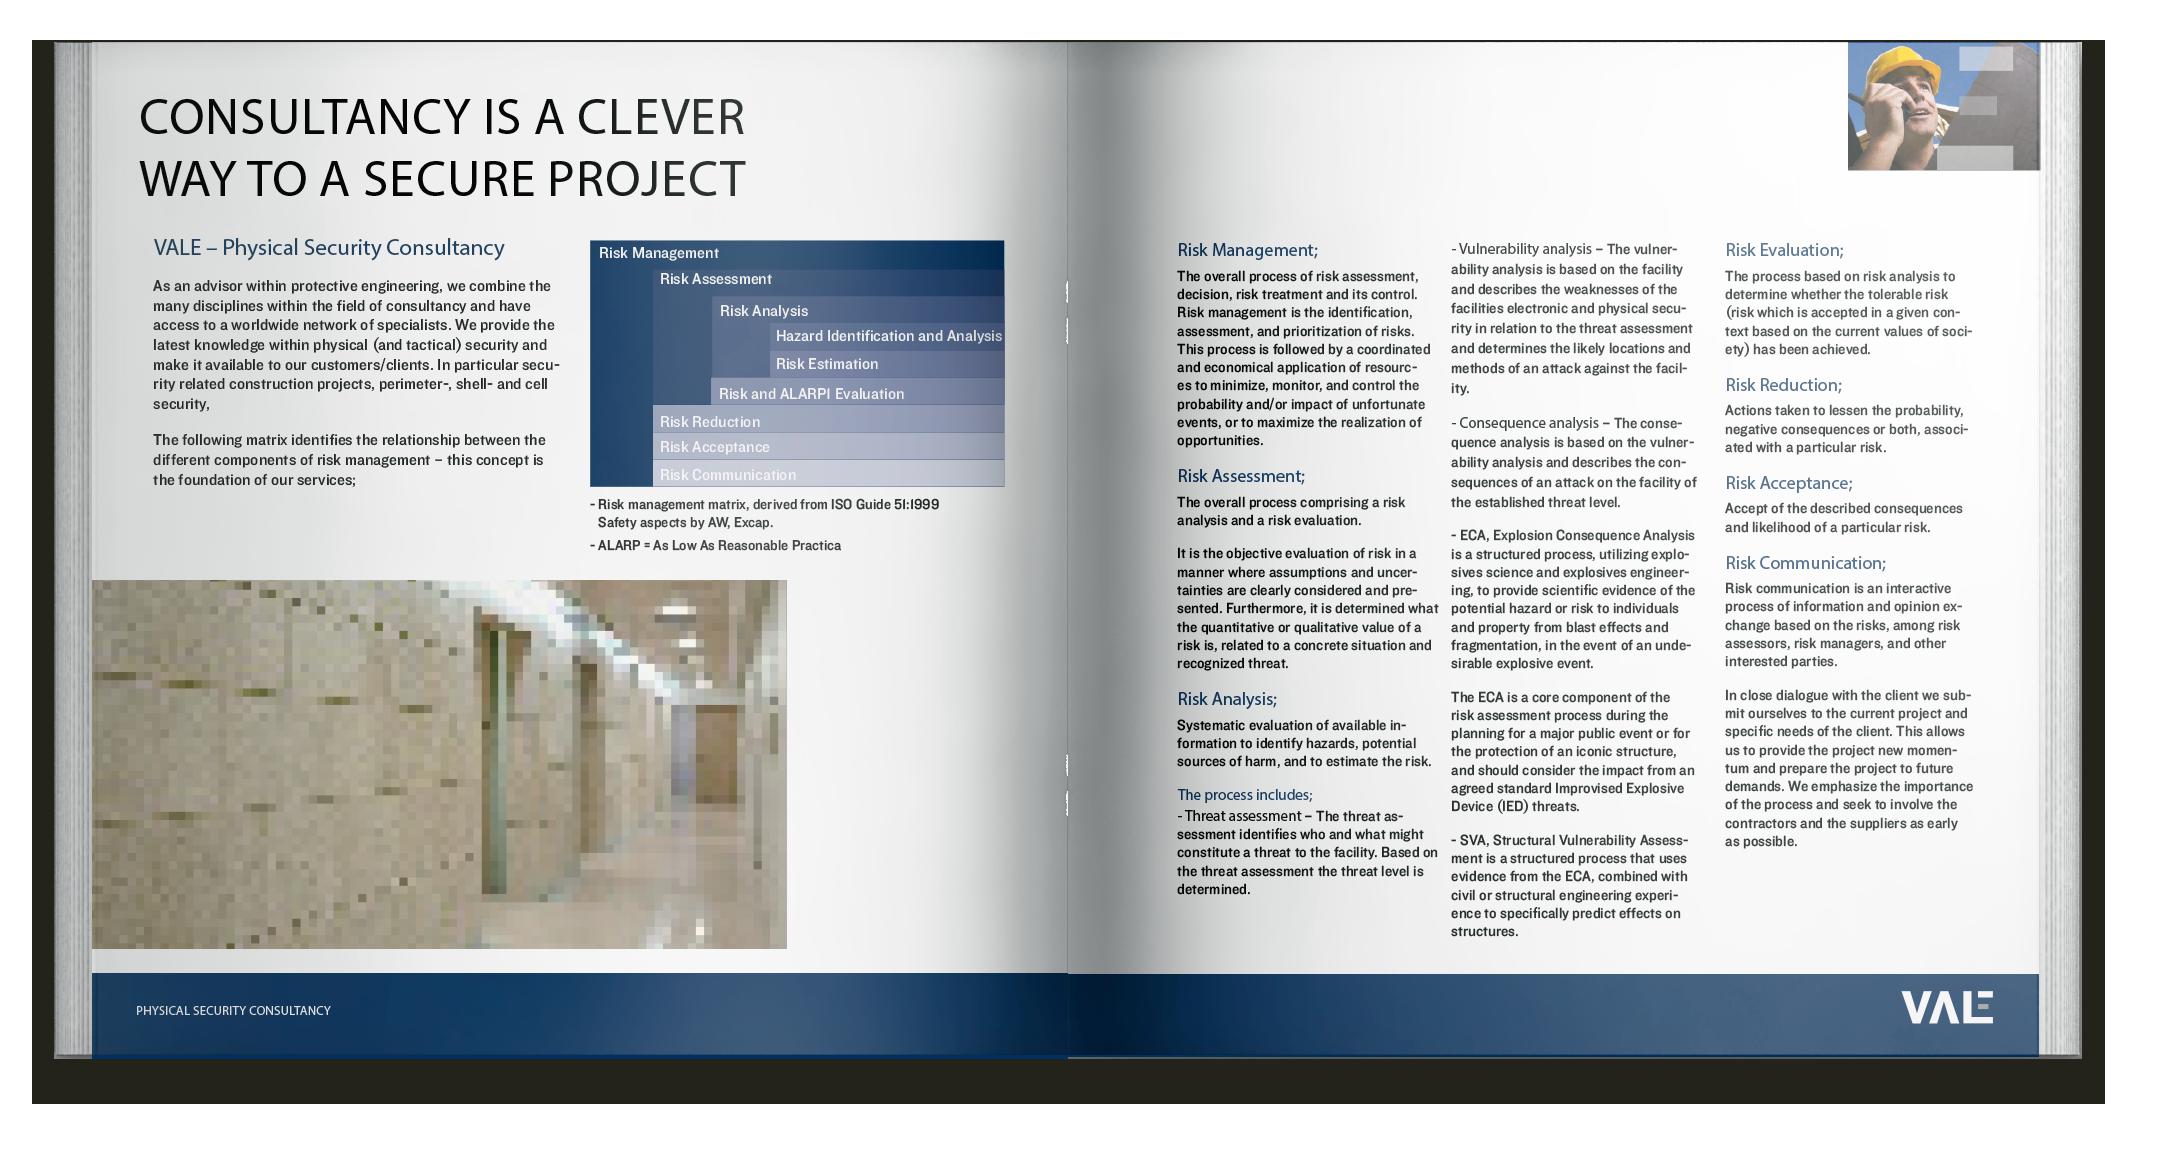 VALE Brochure